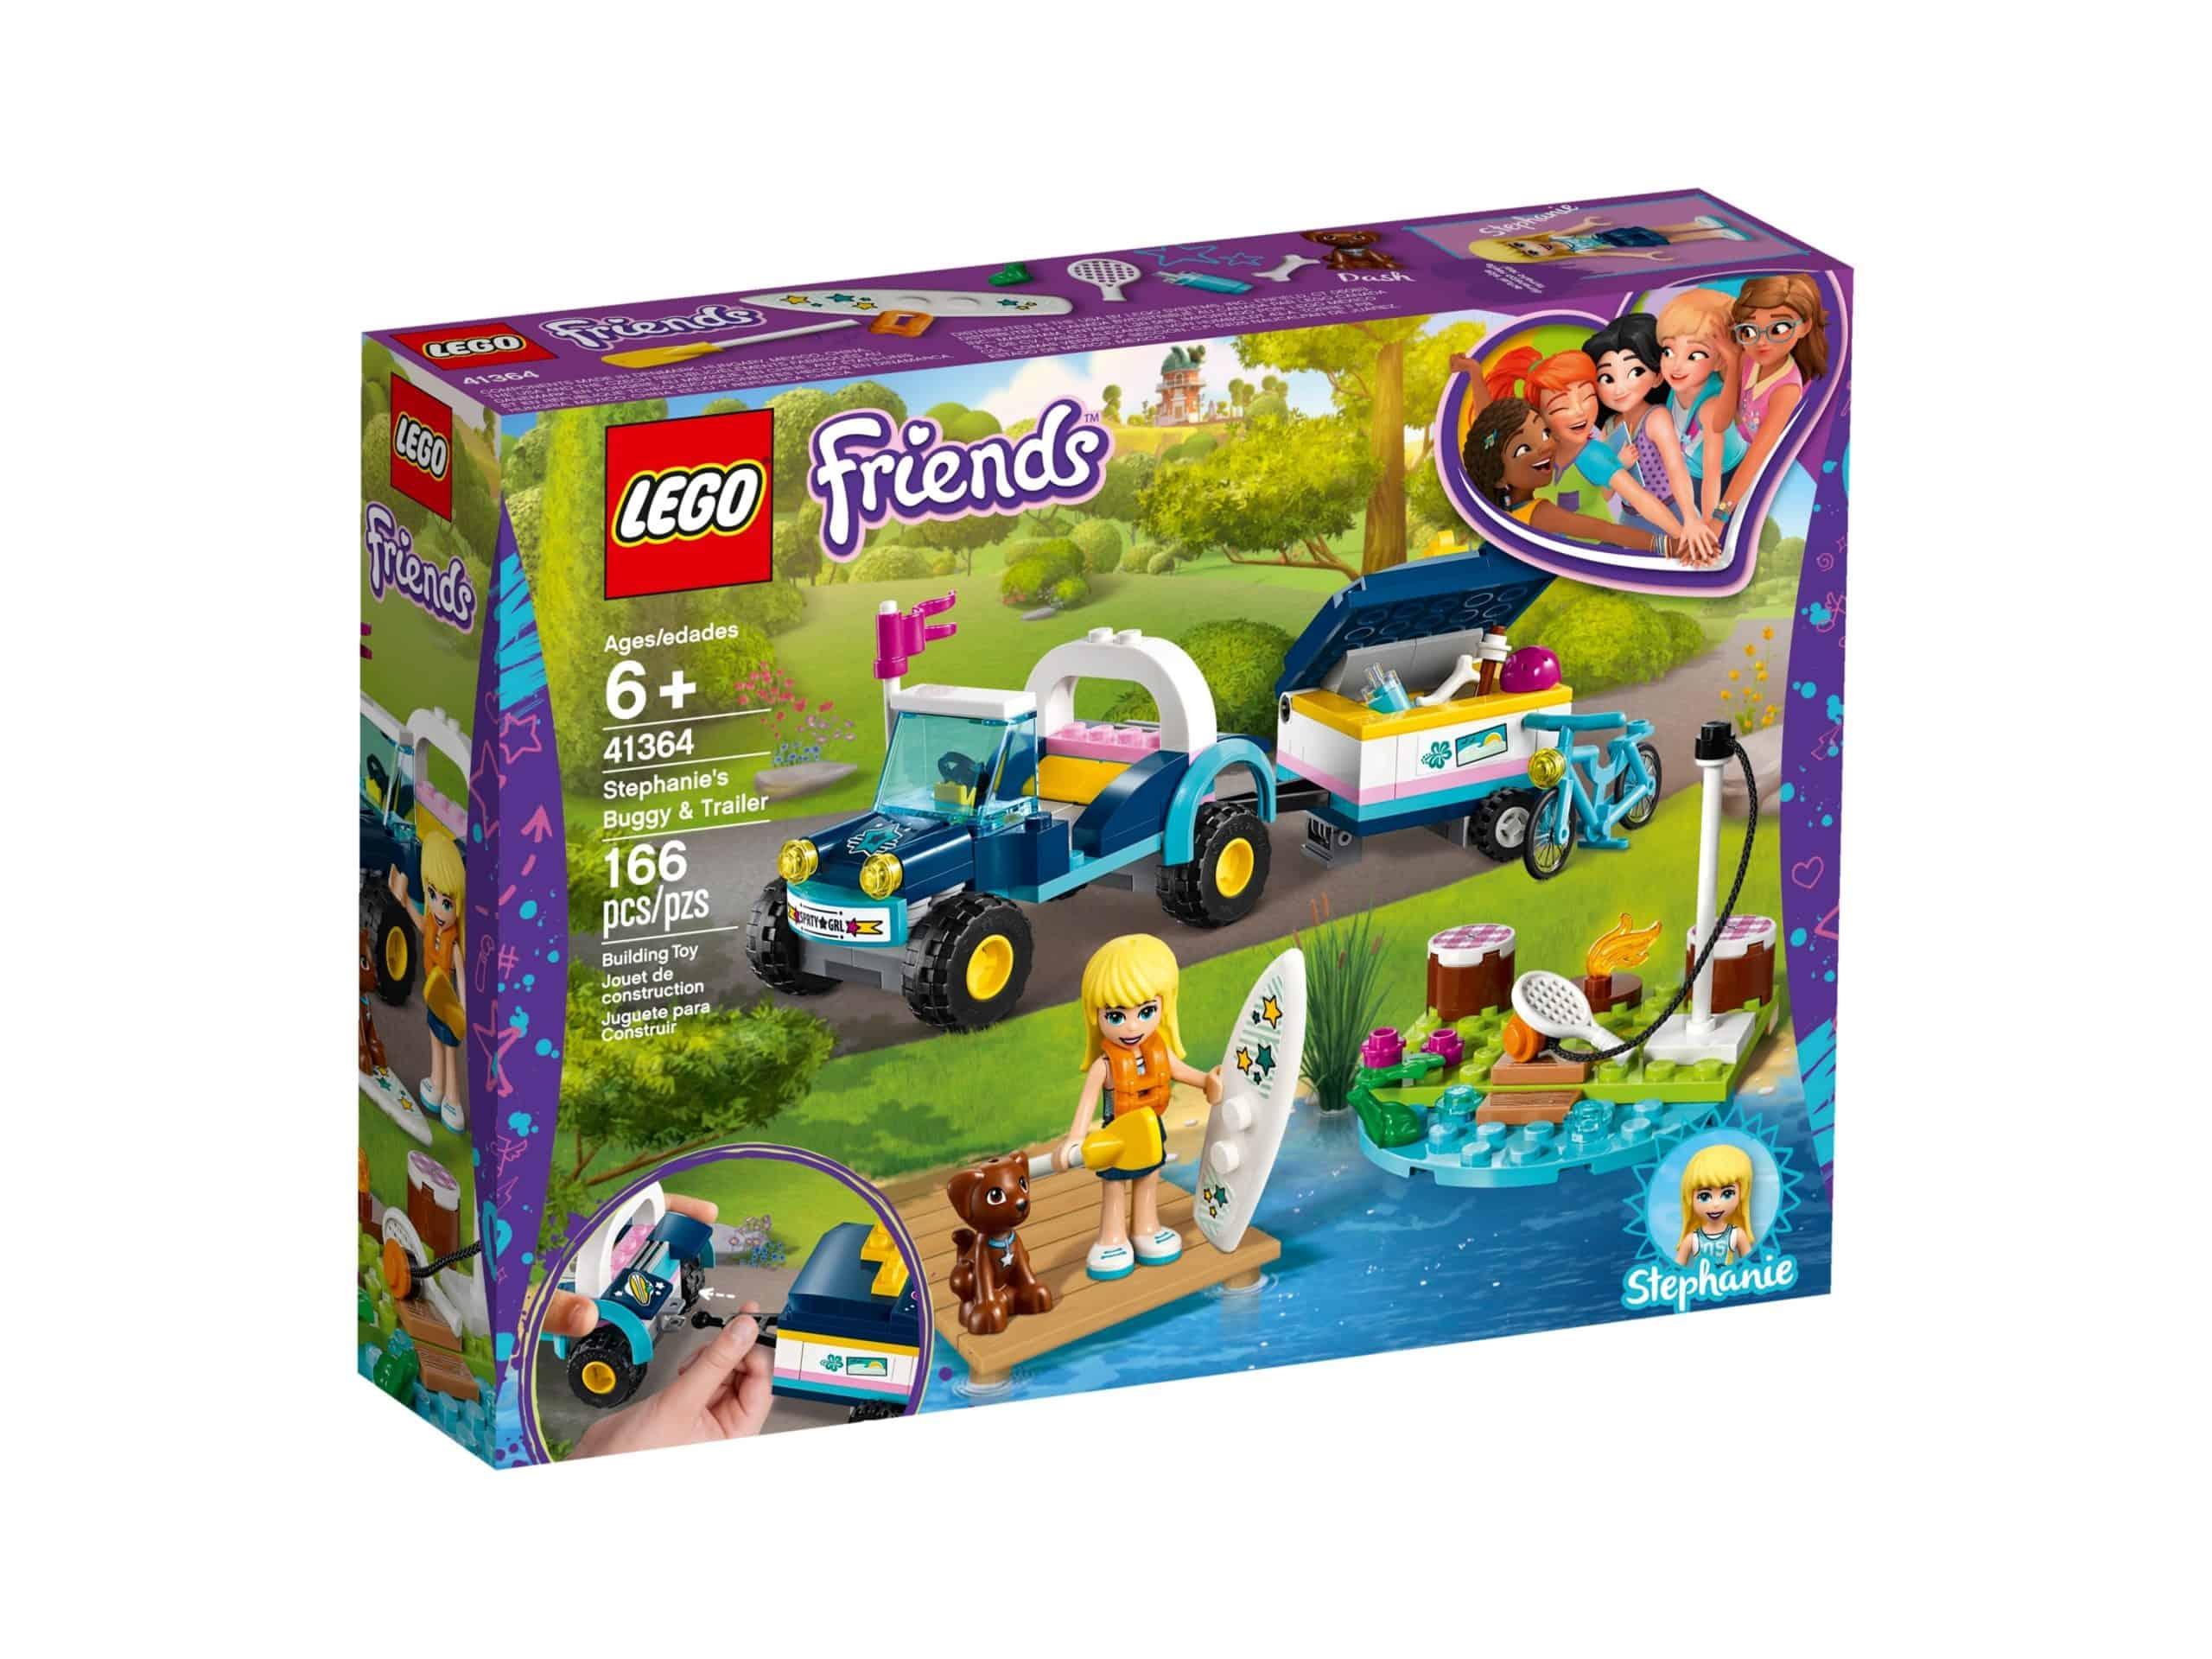 lego 41364 le buggy et la remorque de stephanie scaled